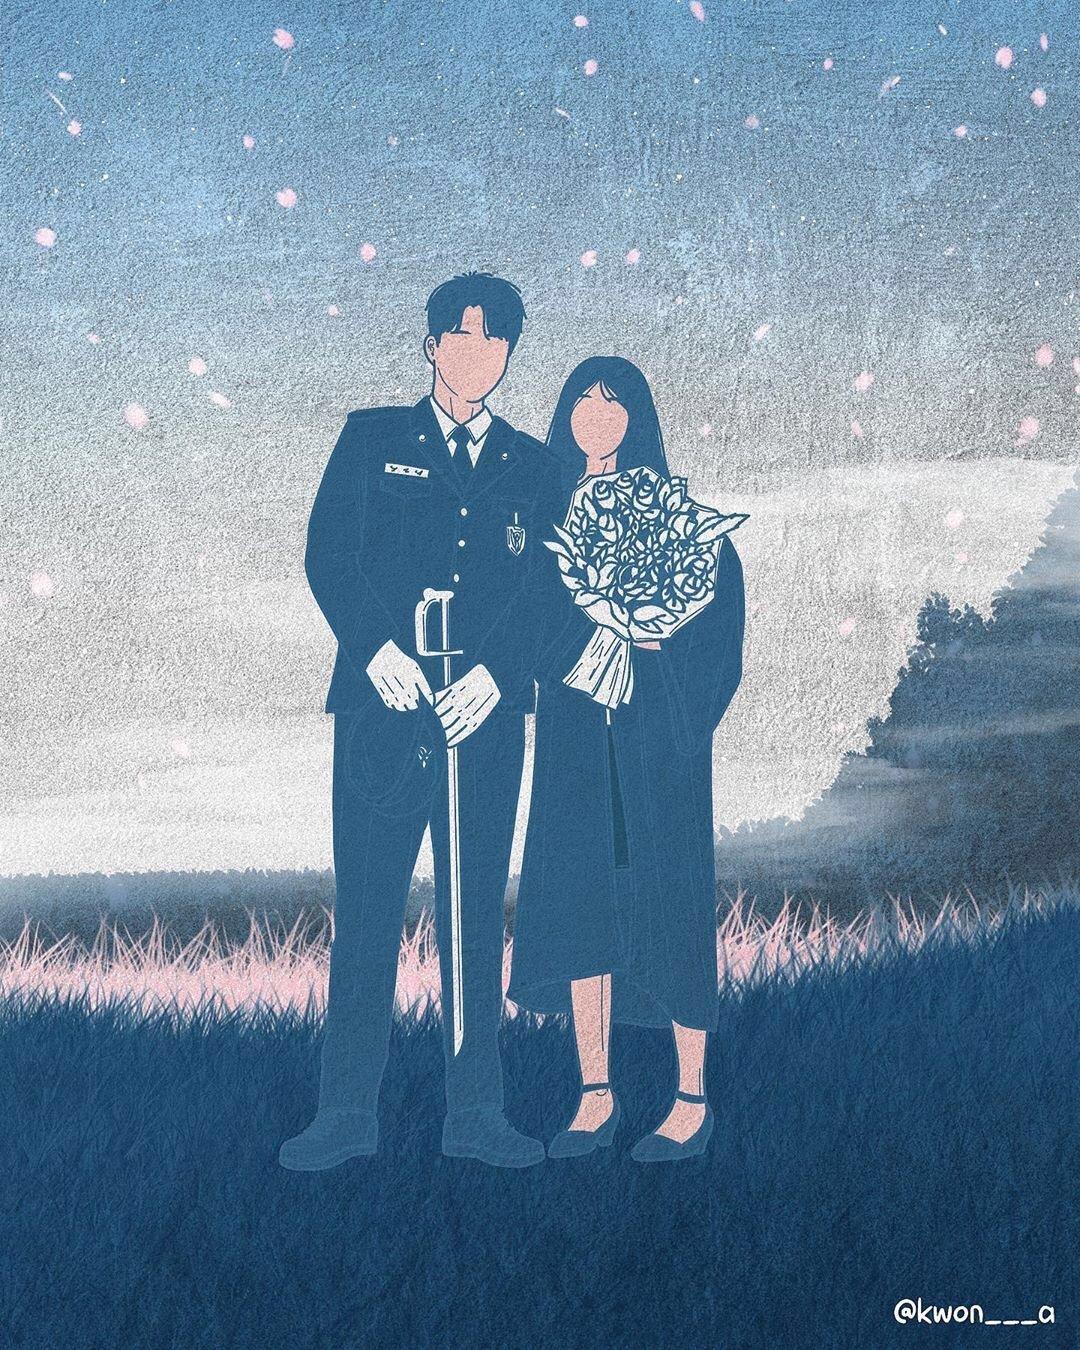 韩国插画师kwon___a笔下的情侣亲密照 涨姿势 第16张